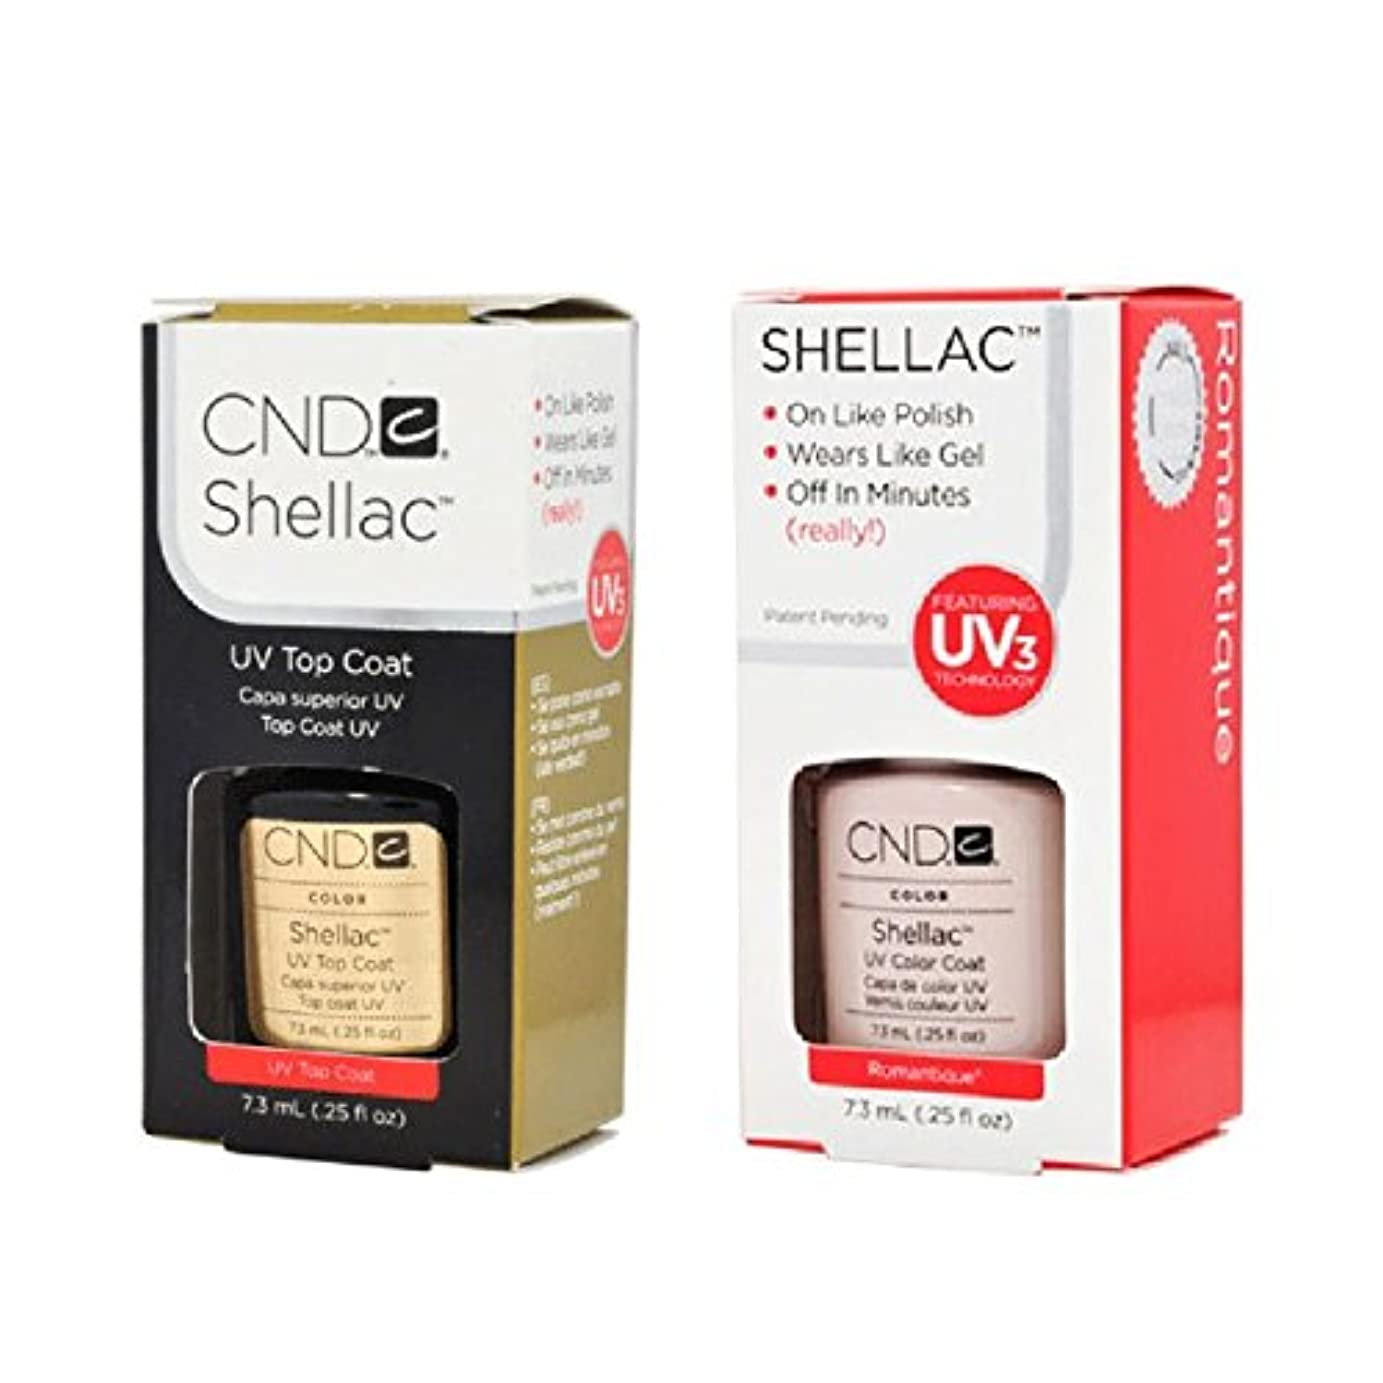 穴衣類バックアップCND Shellac UVトップコート 7.3m l  &  UV カラーコー< Romantique>7.3ml [海外直送品]